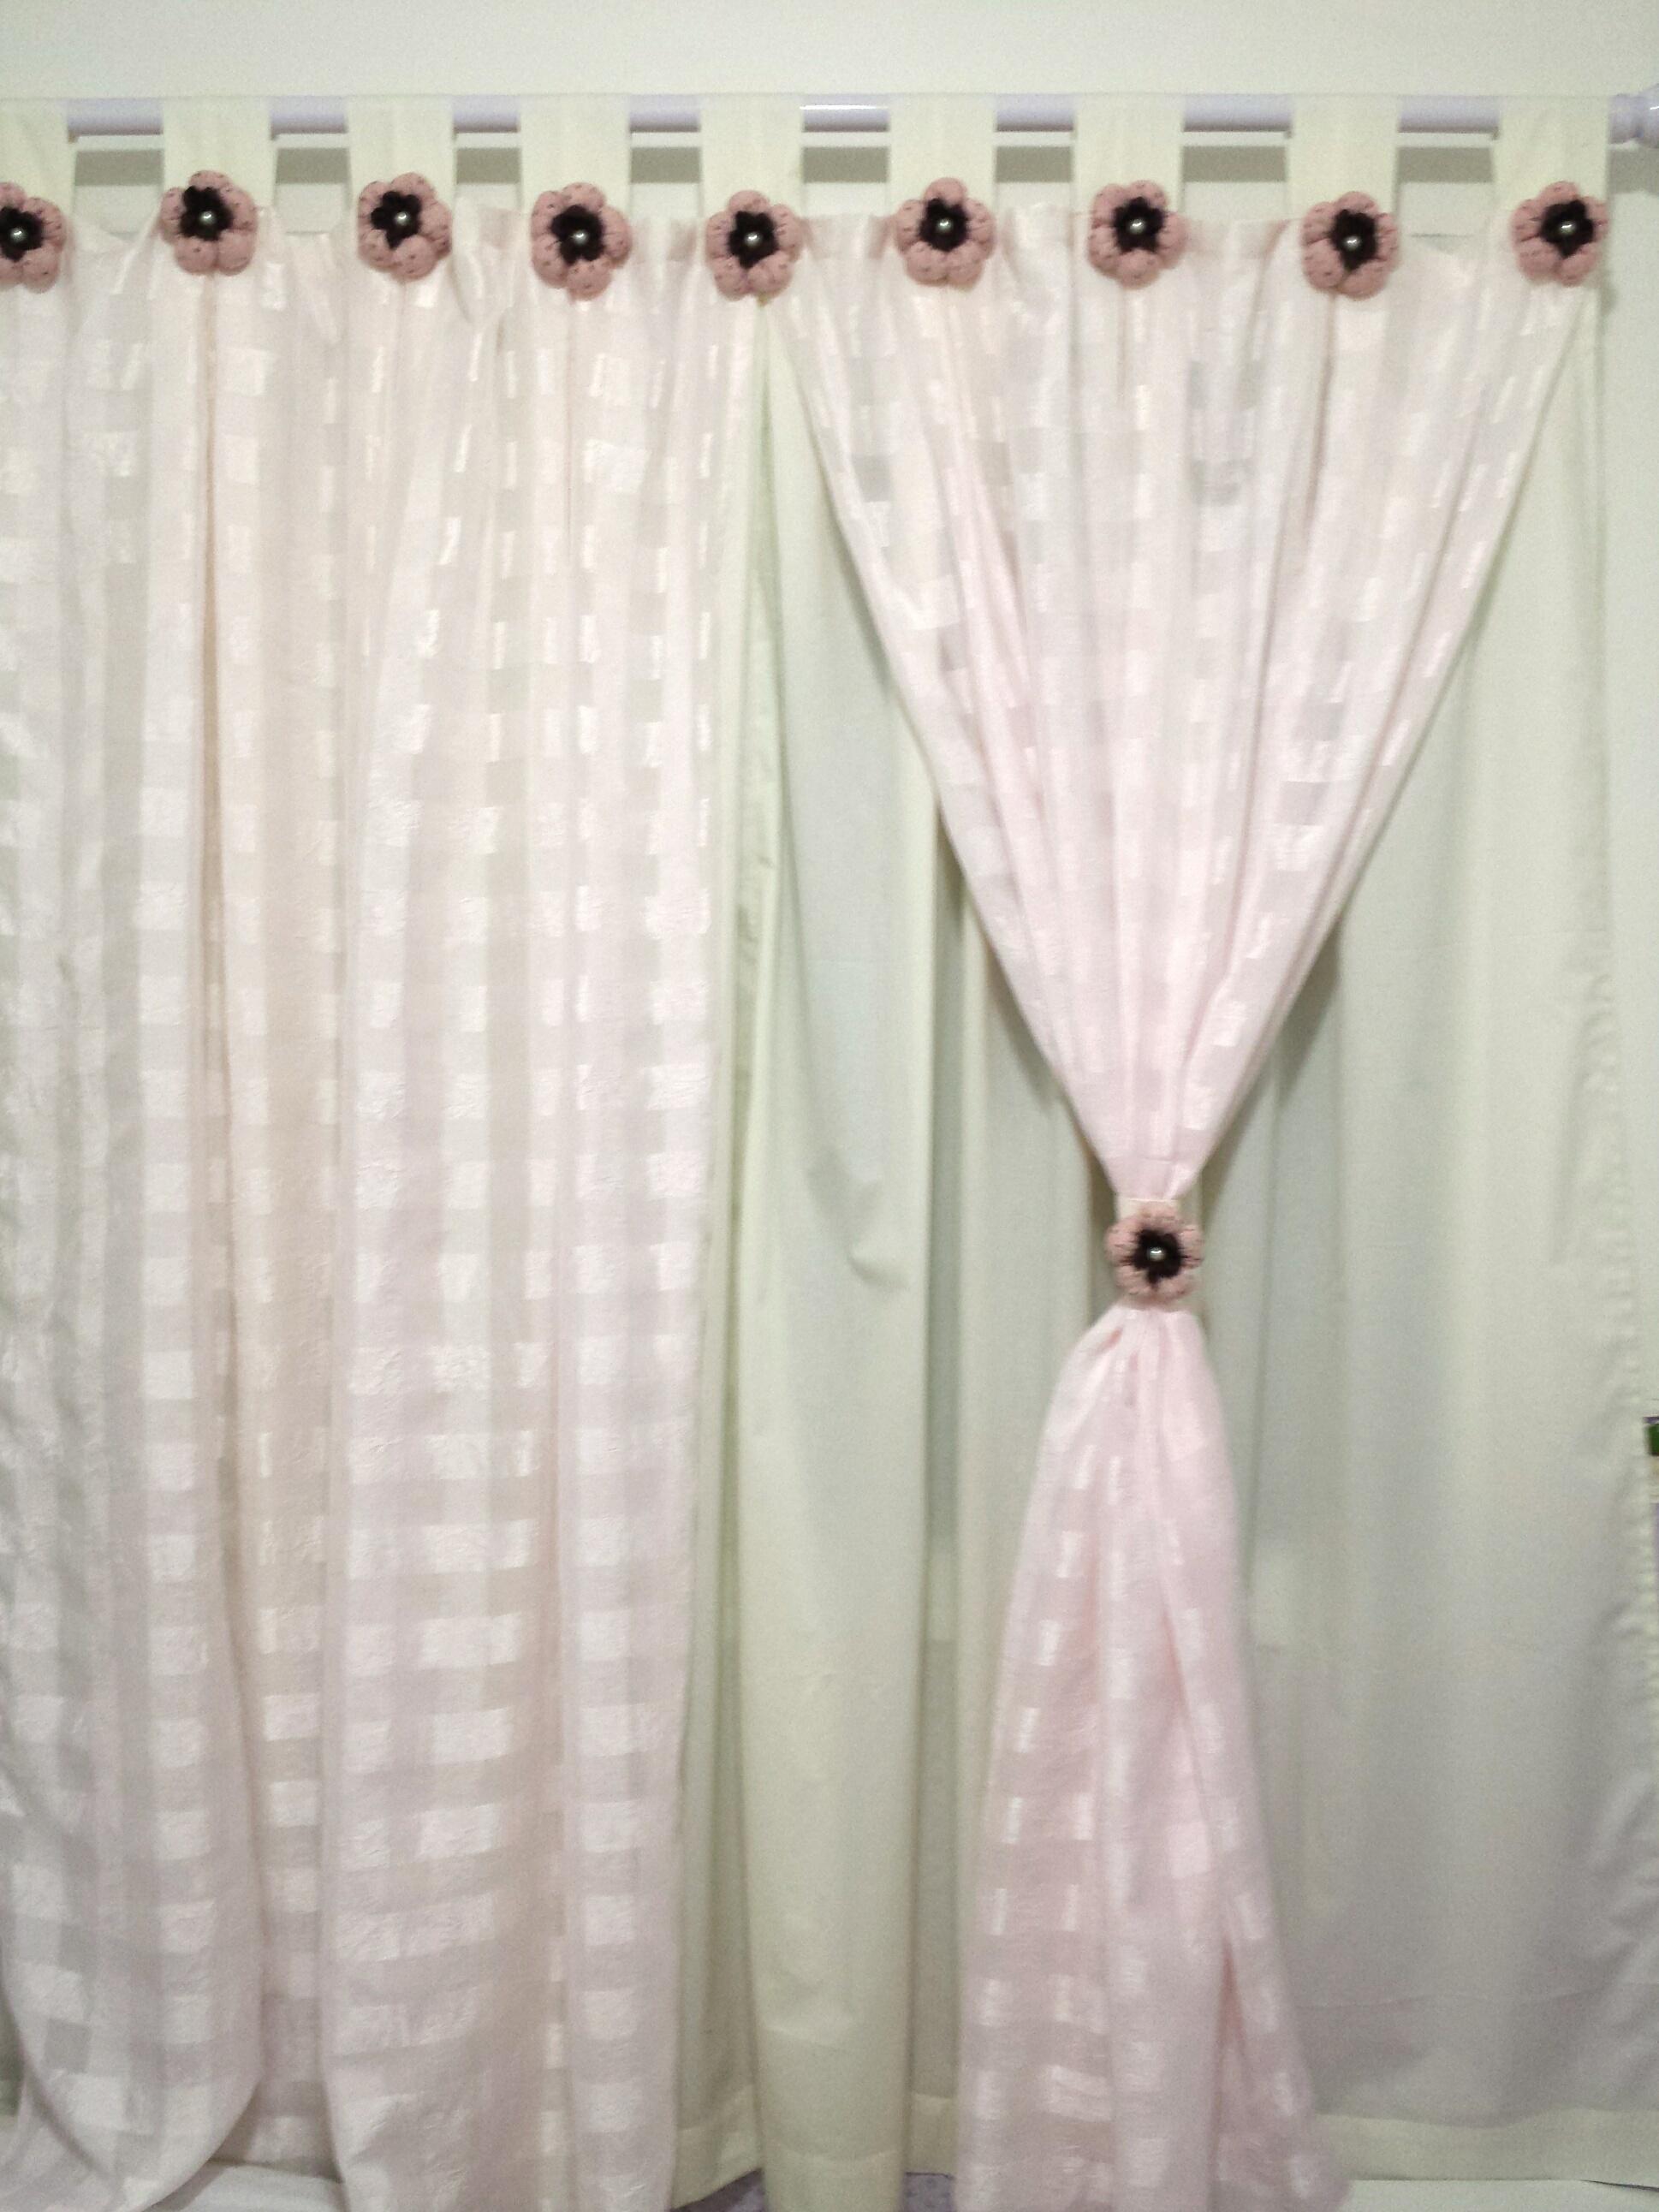 decoracao quarto de bebe jardim encantado : decoracao quarto de bebe jardim encantado:jardim encantado sophia baby recem nascido cortina jardim encantado